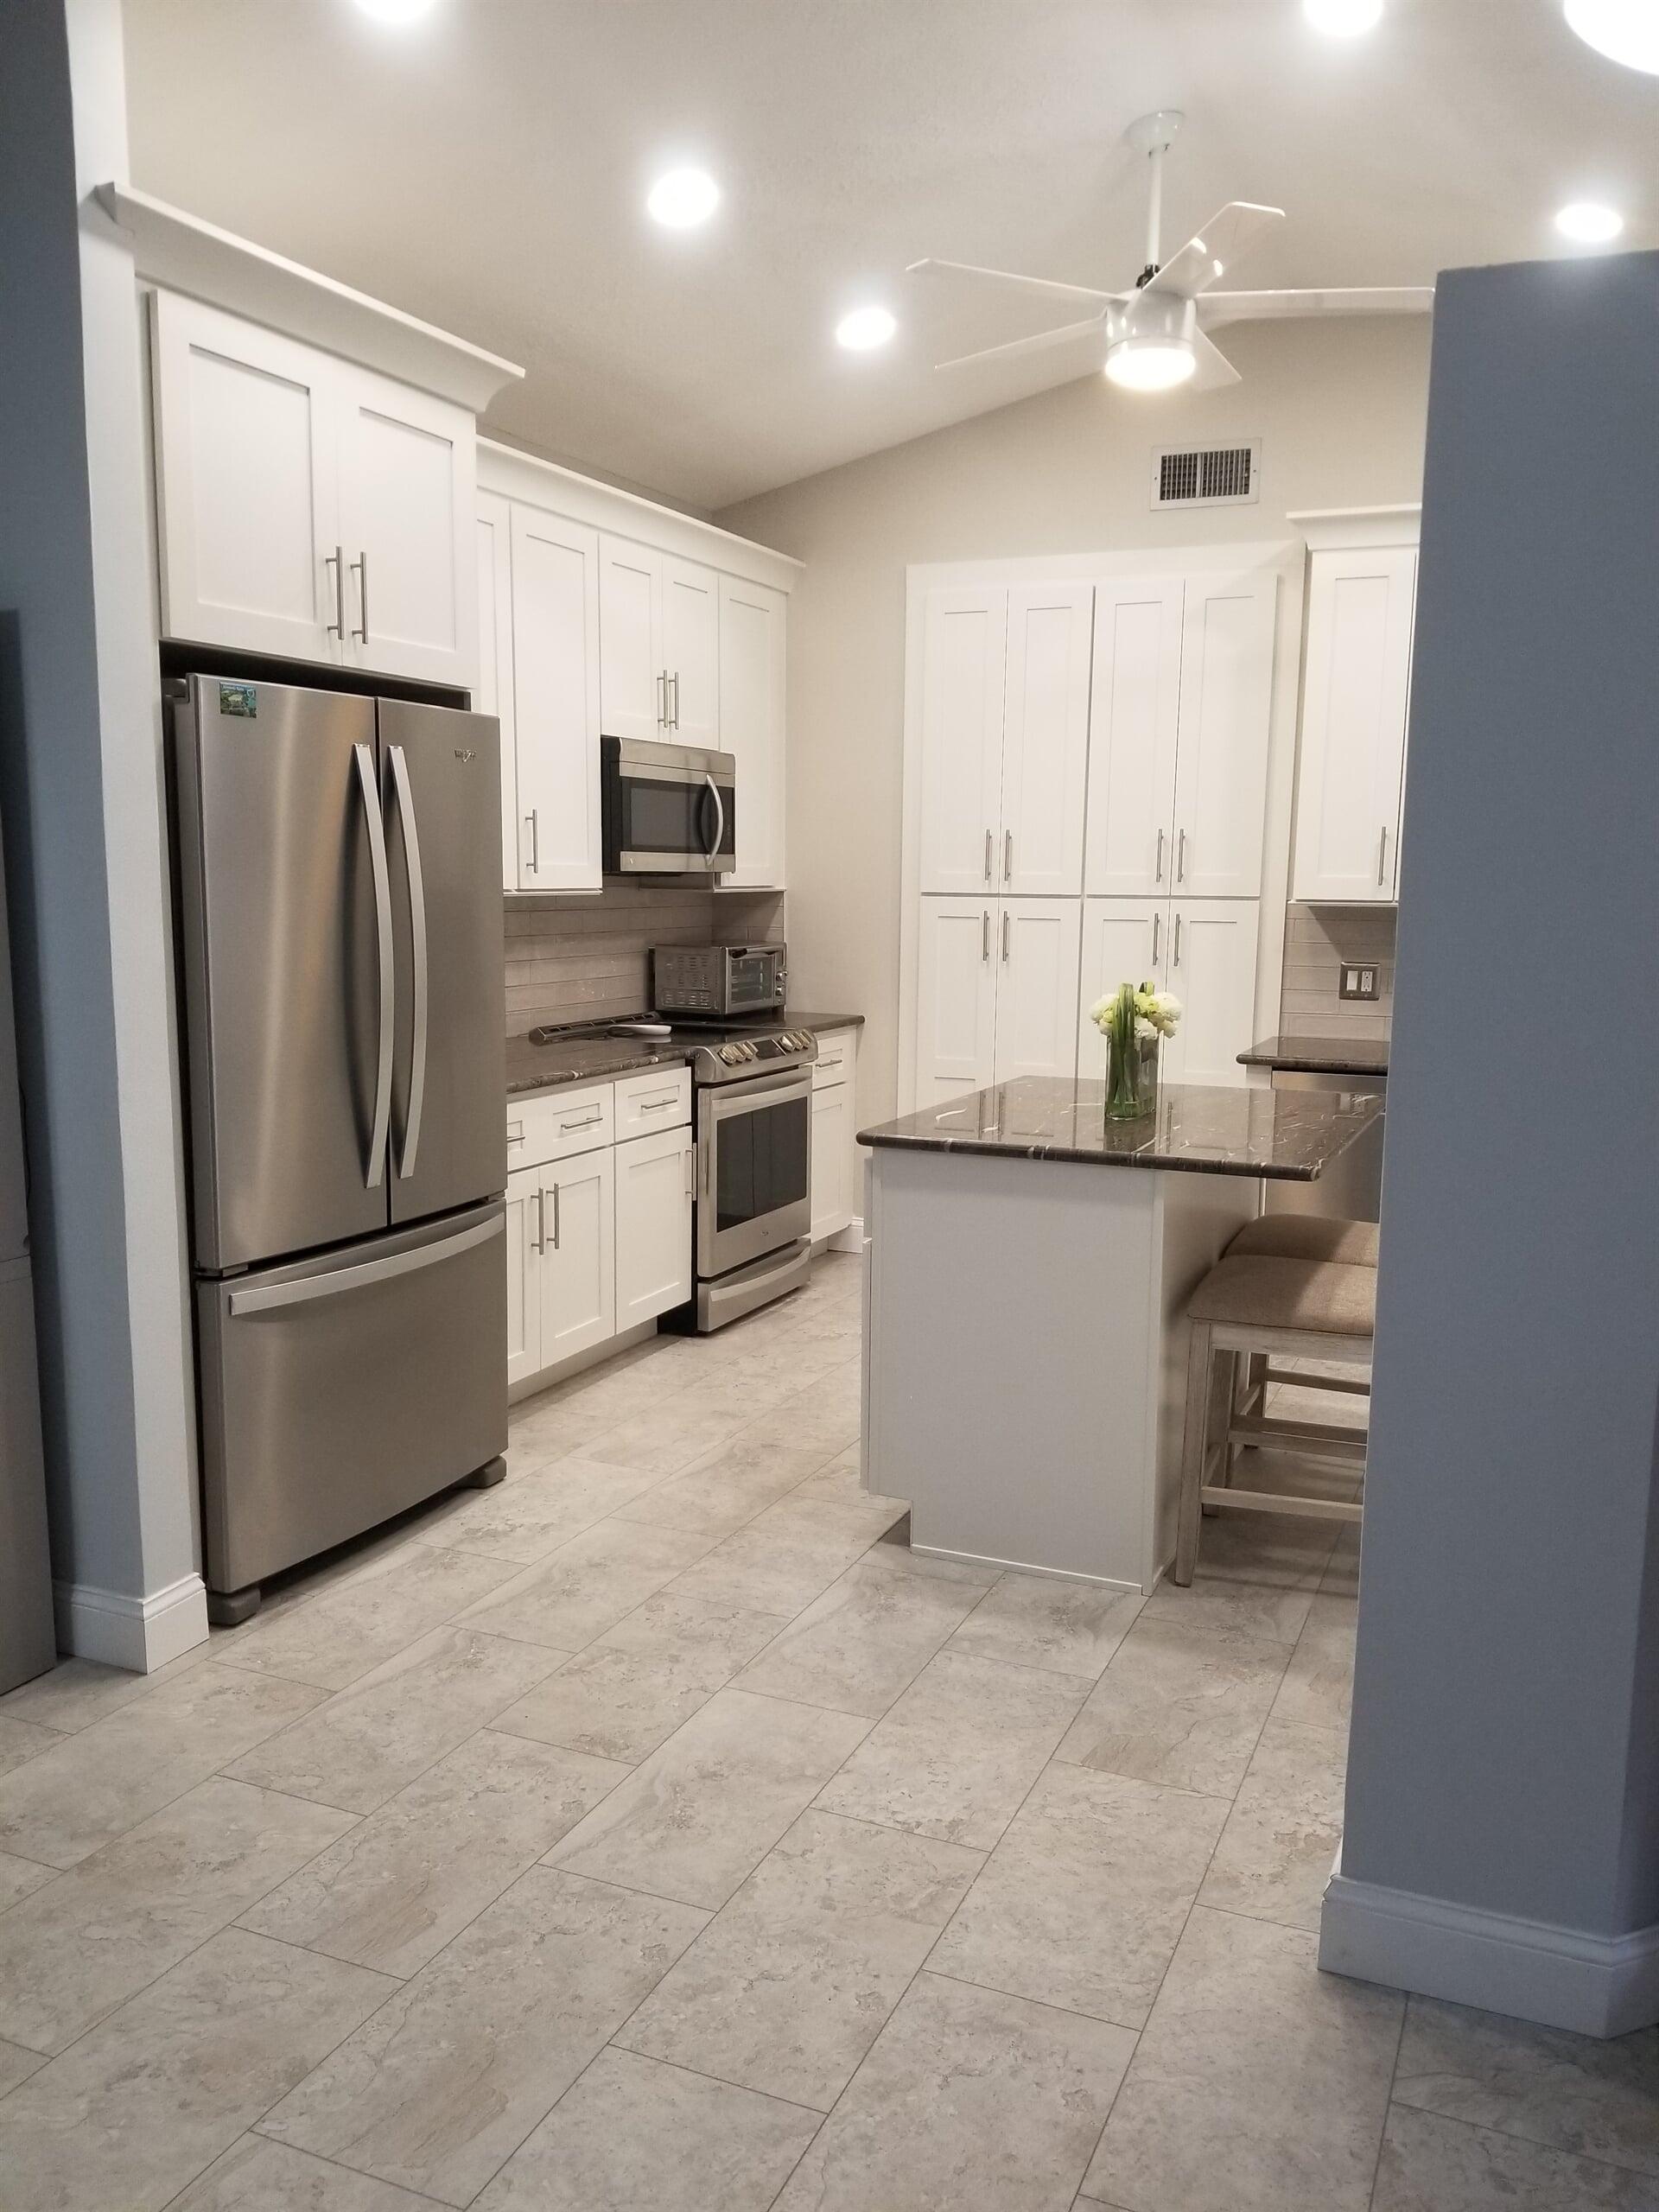 Custom kitchen in Jensen Beach, FL from Agler Kitchen, Bath & Floors